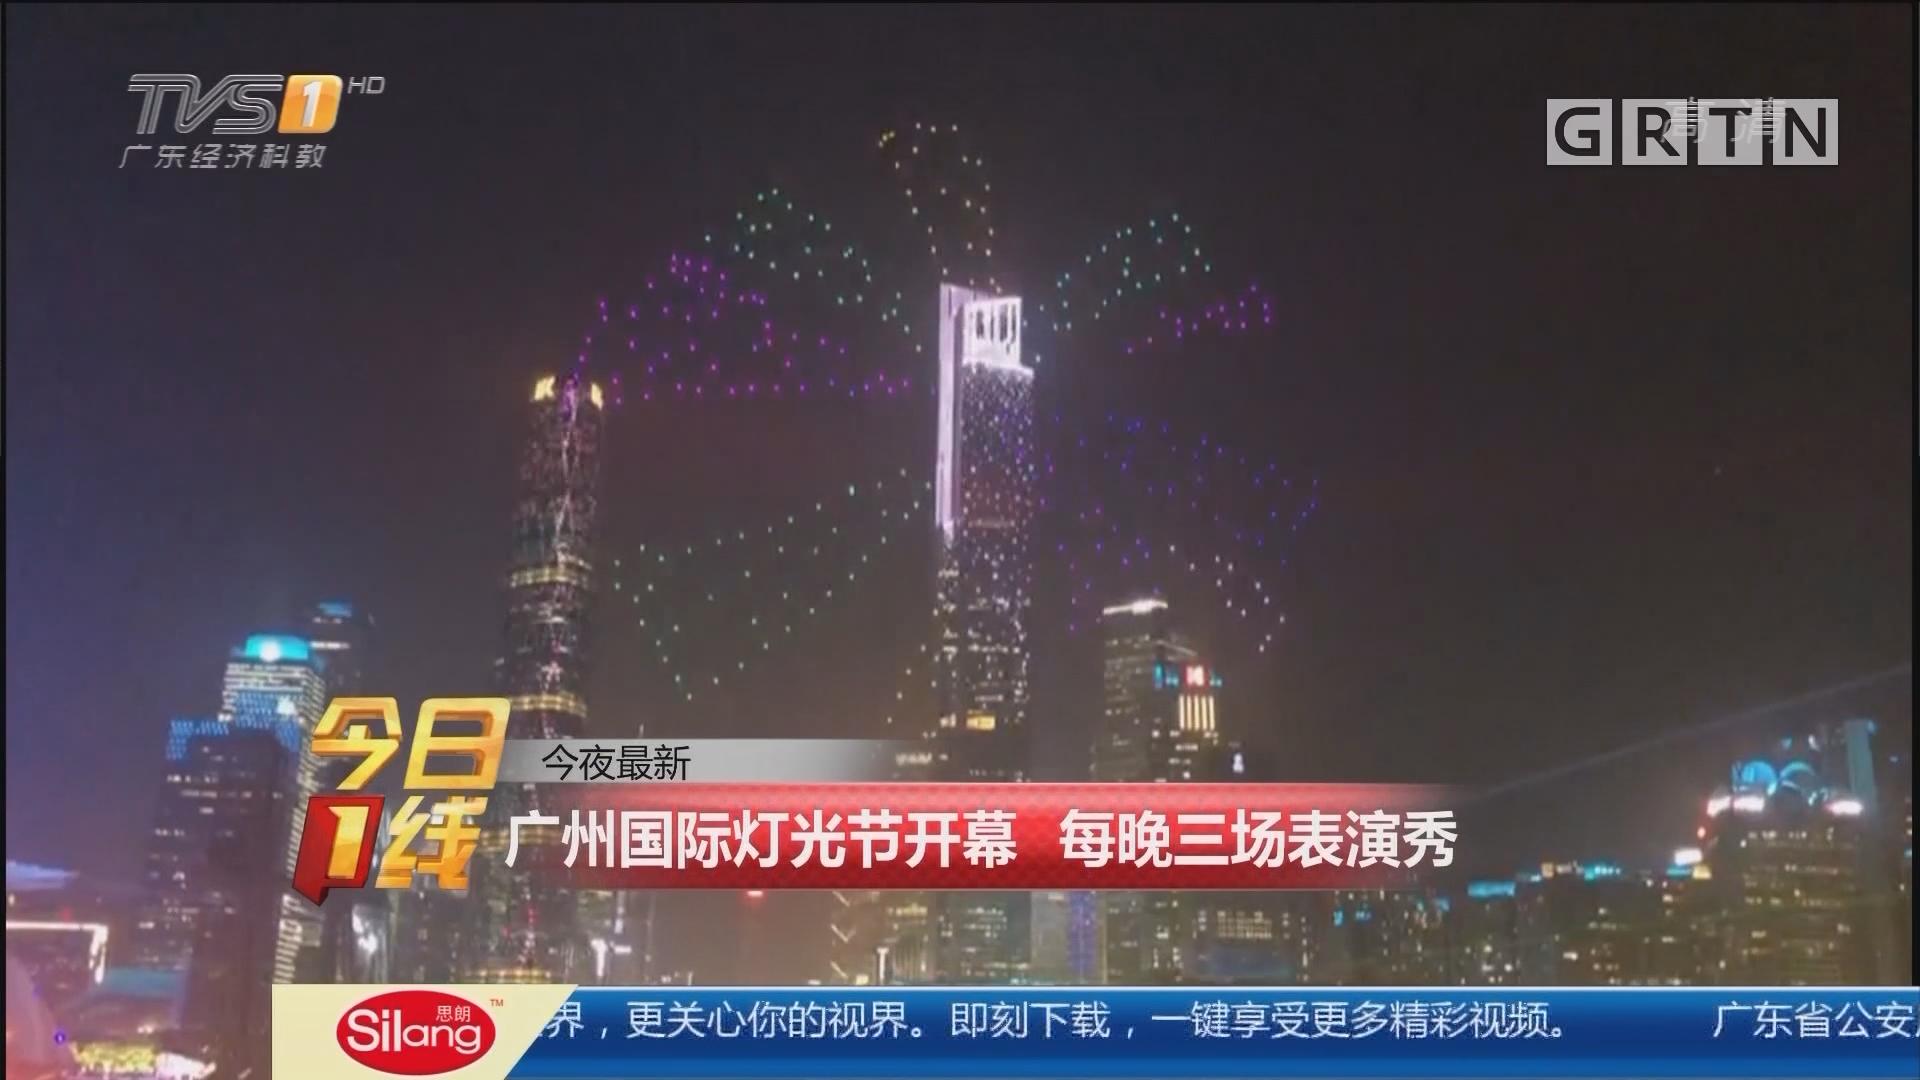 今夜最新:广州国际灯光节开幕 每晚三场表演秀